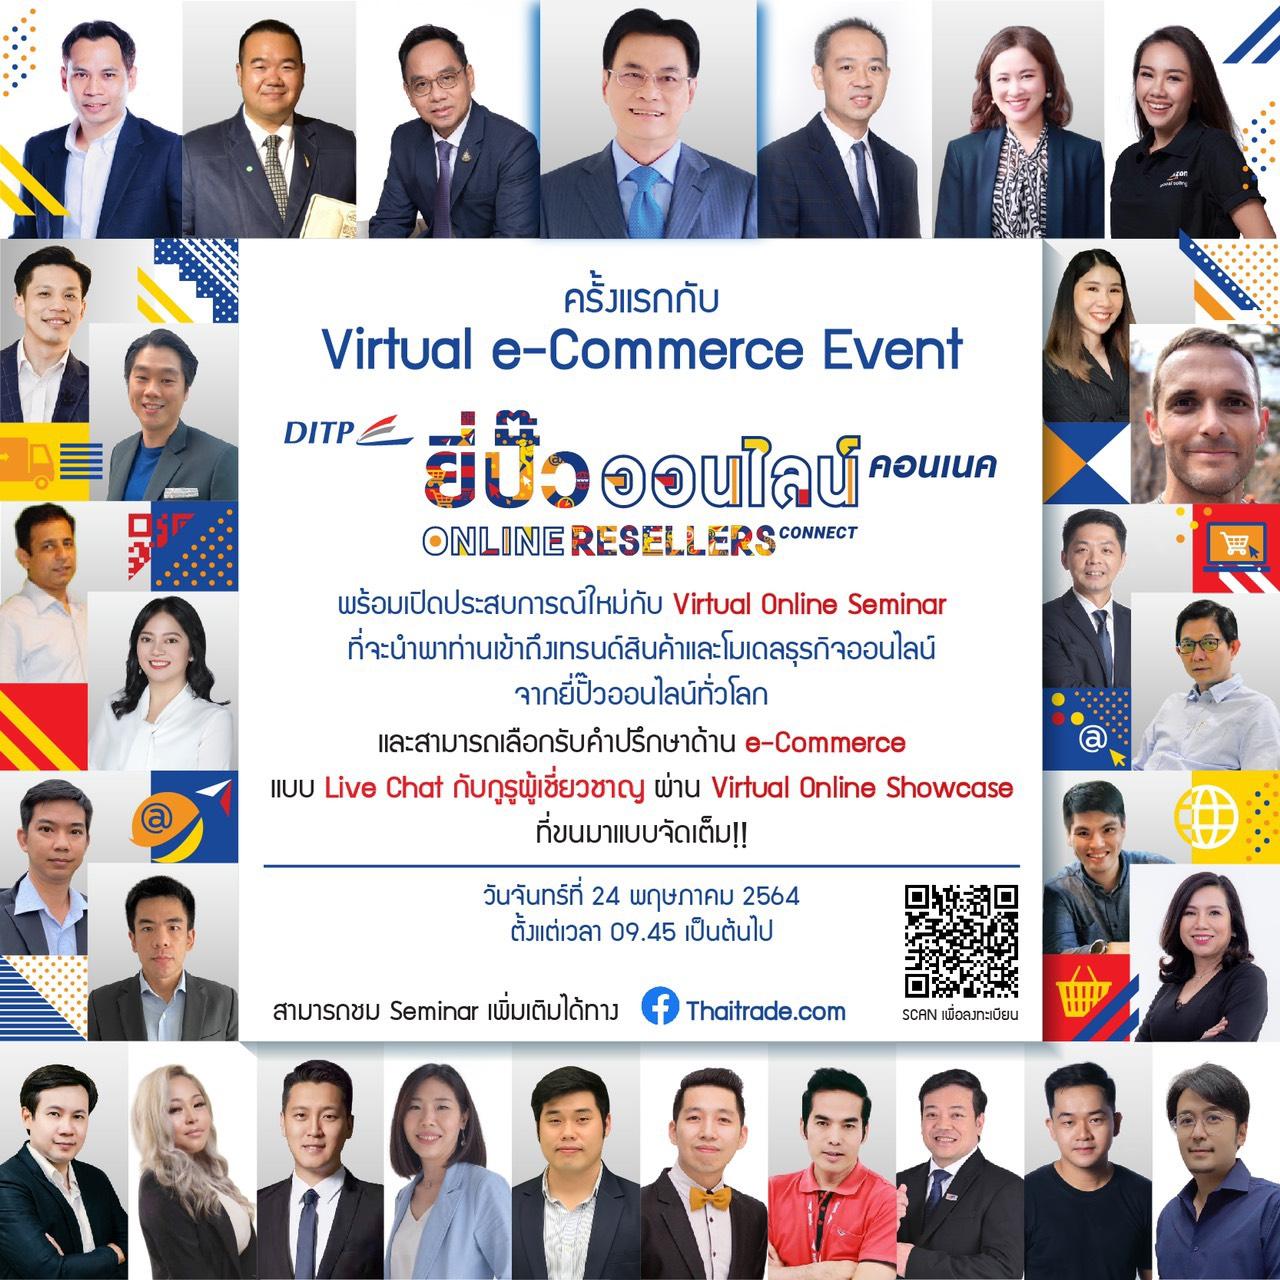 จุรินทร์ดันสินค้าไทยสู่ตลาดโลกด้วยยี่ปั๊วออนไลน์